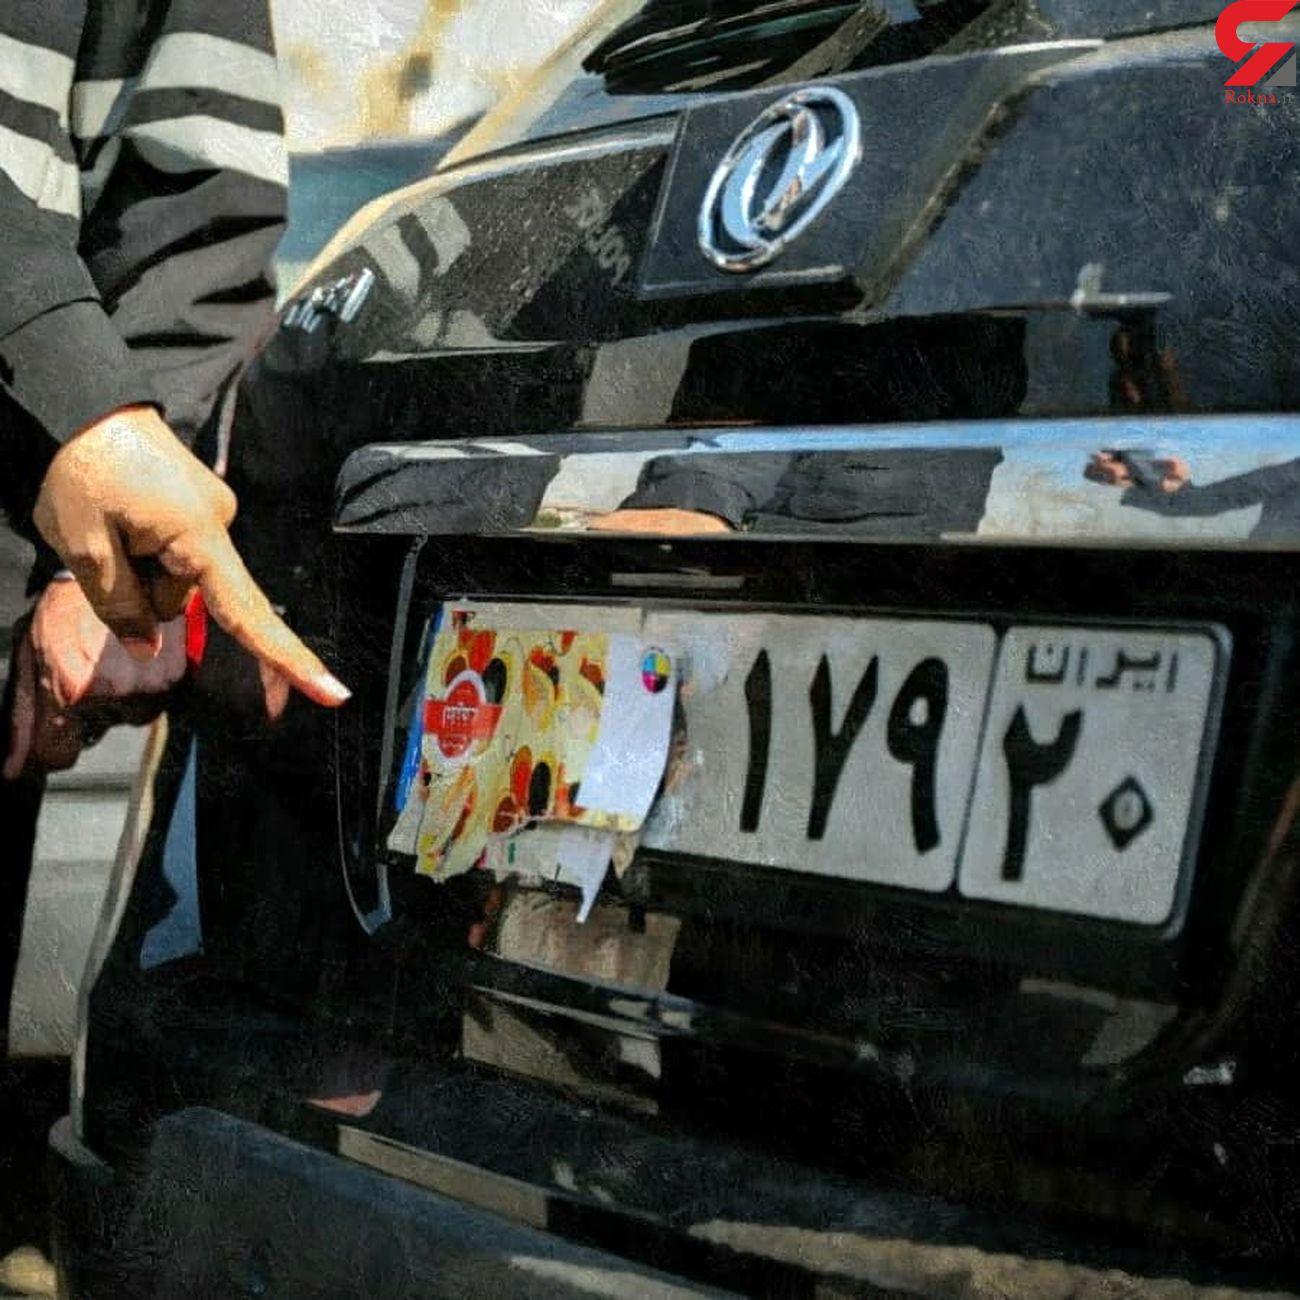 مجازات مخدوش کردن پلاک ماشین چیست؟